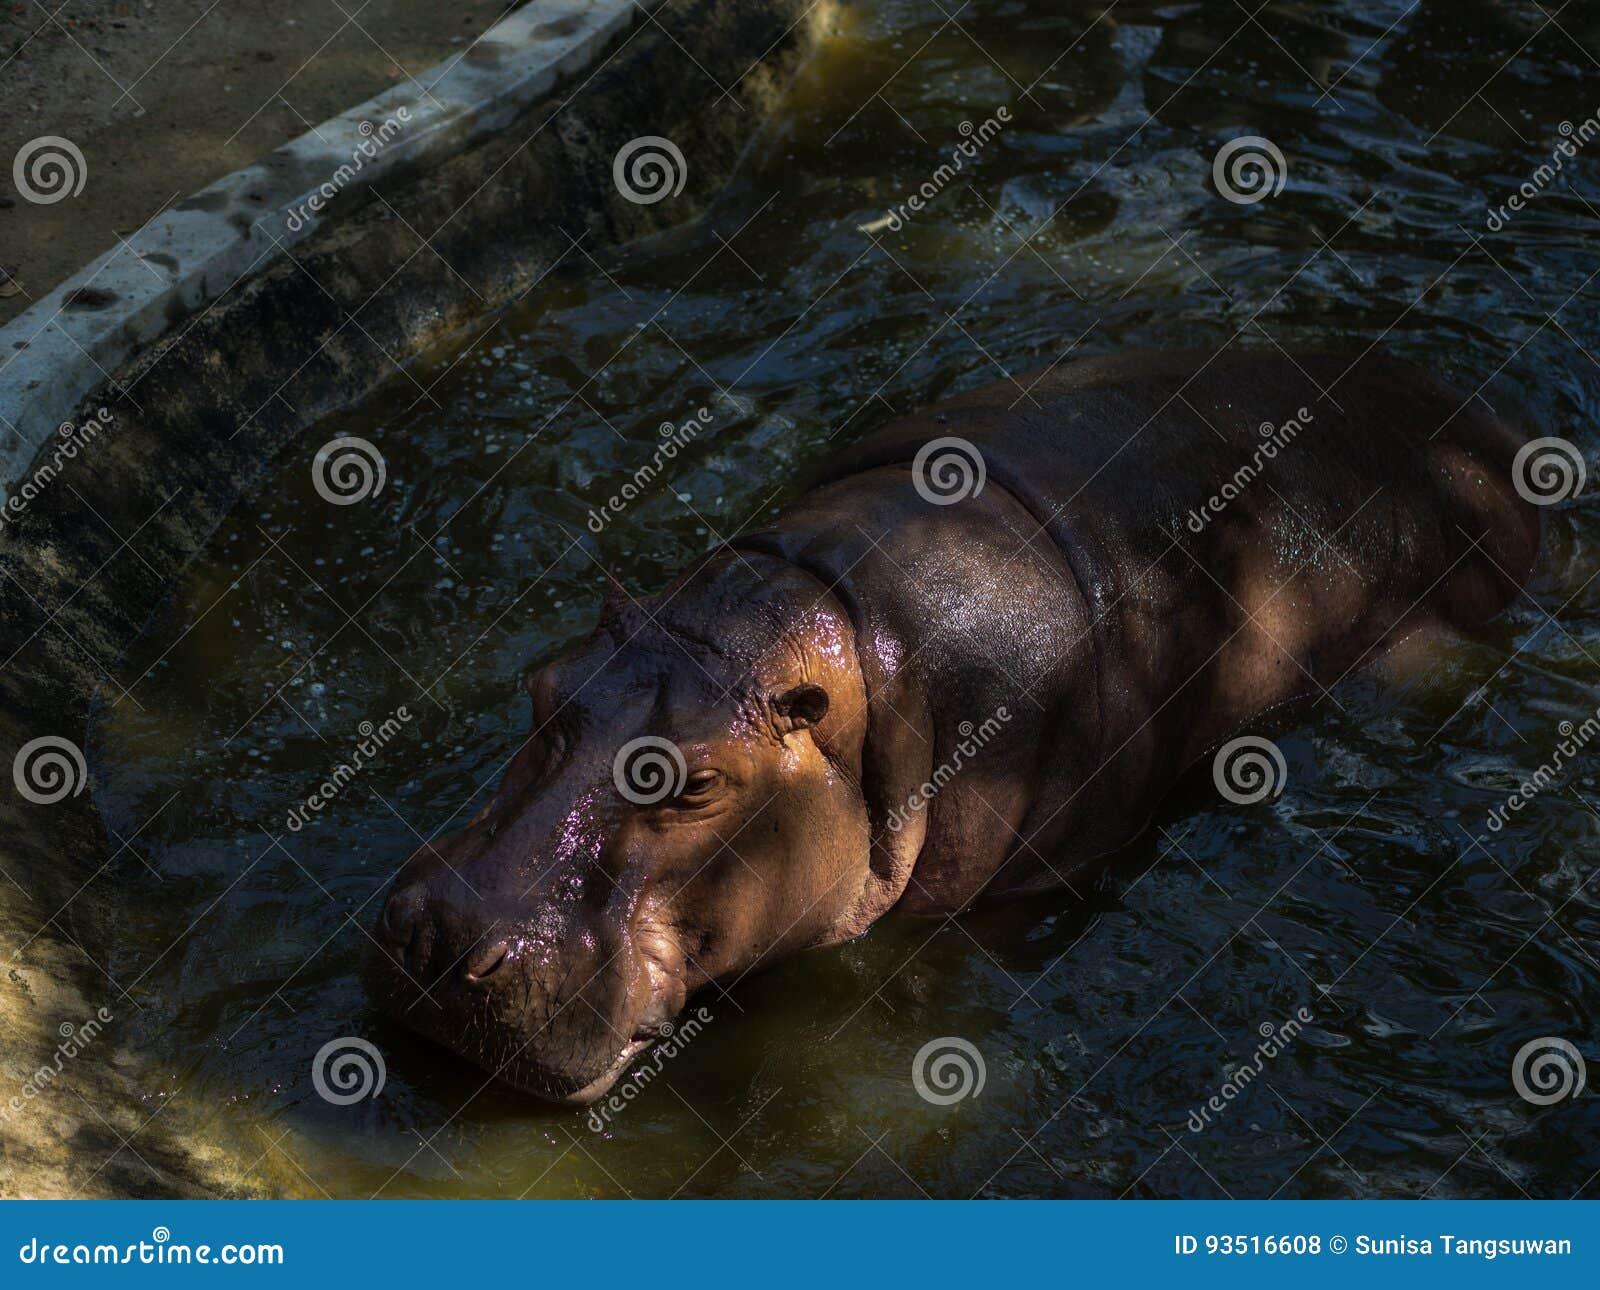 Hippotamus in Thailand